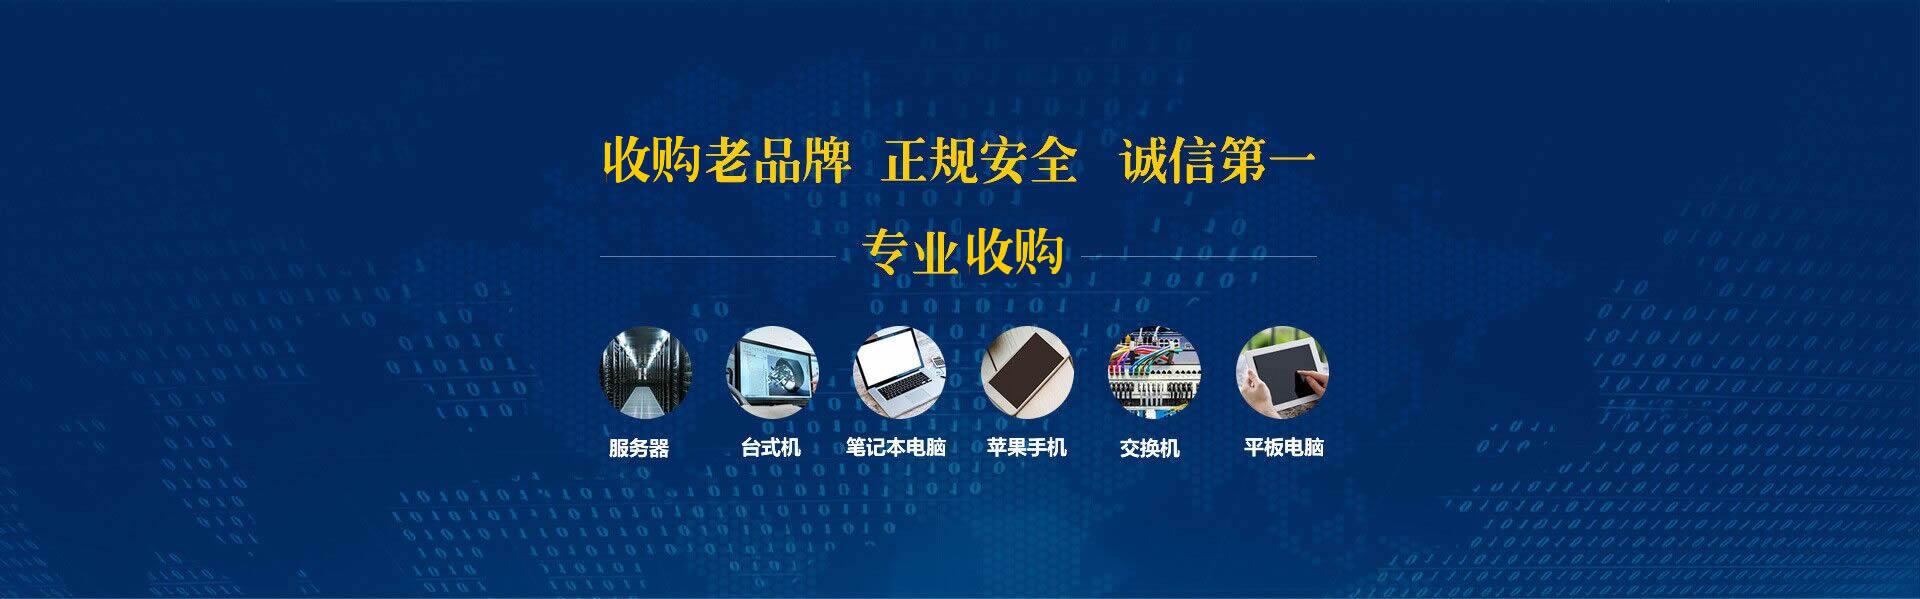 上海公司电脑回收